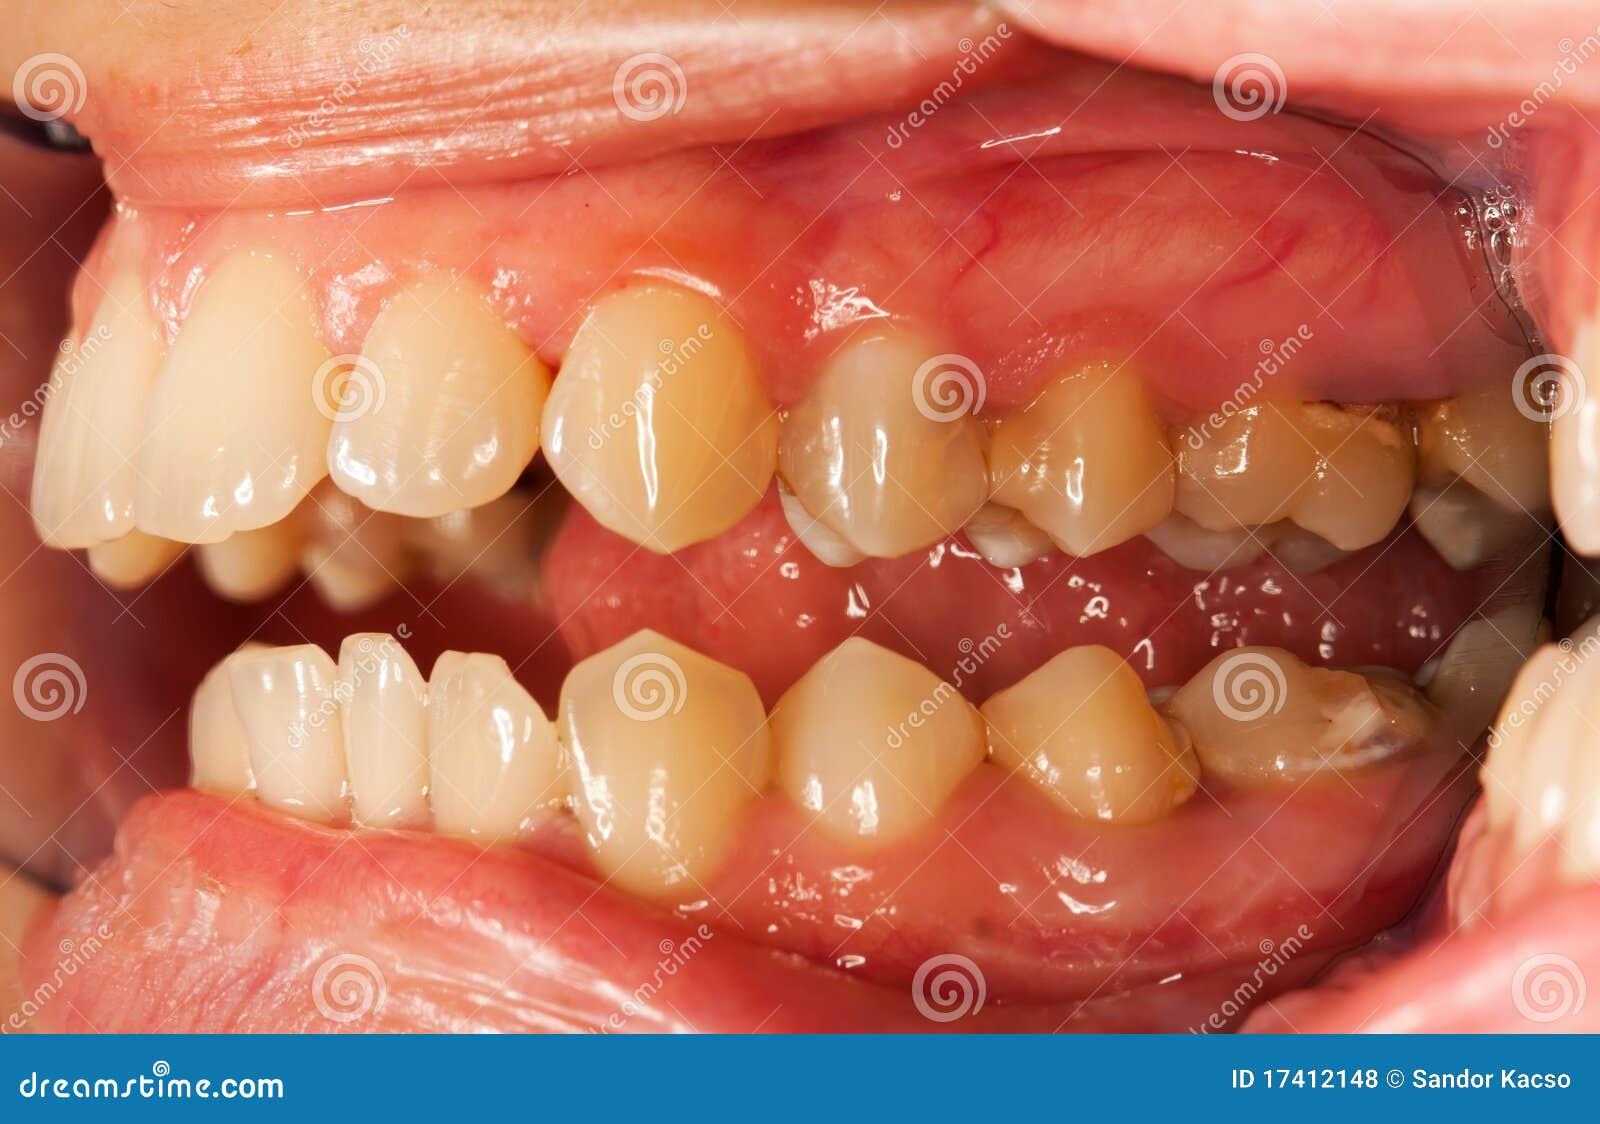 Menschliche Zähne stockfoto. Bild von gummis, gesundheit - 17412148